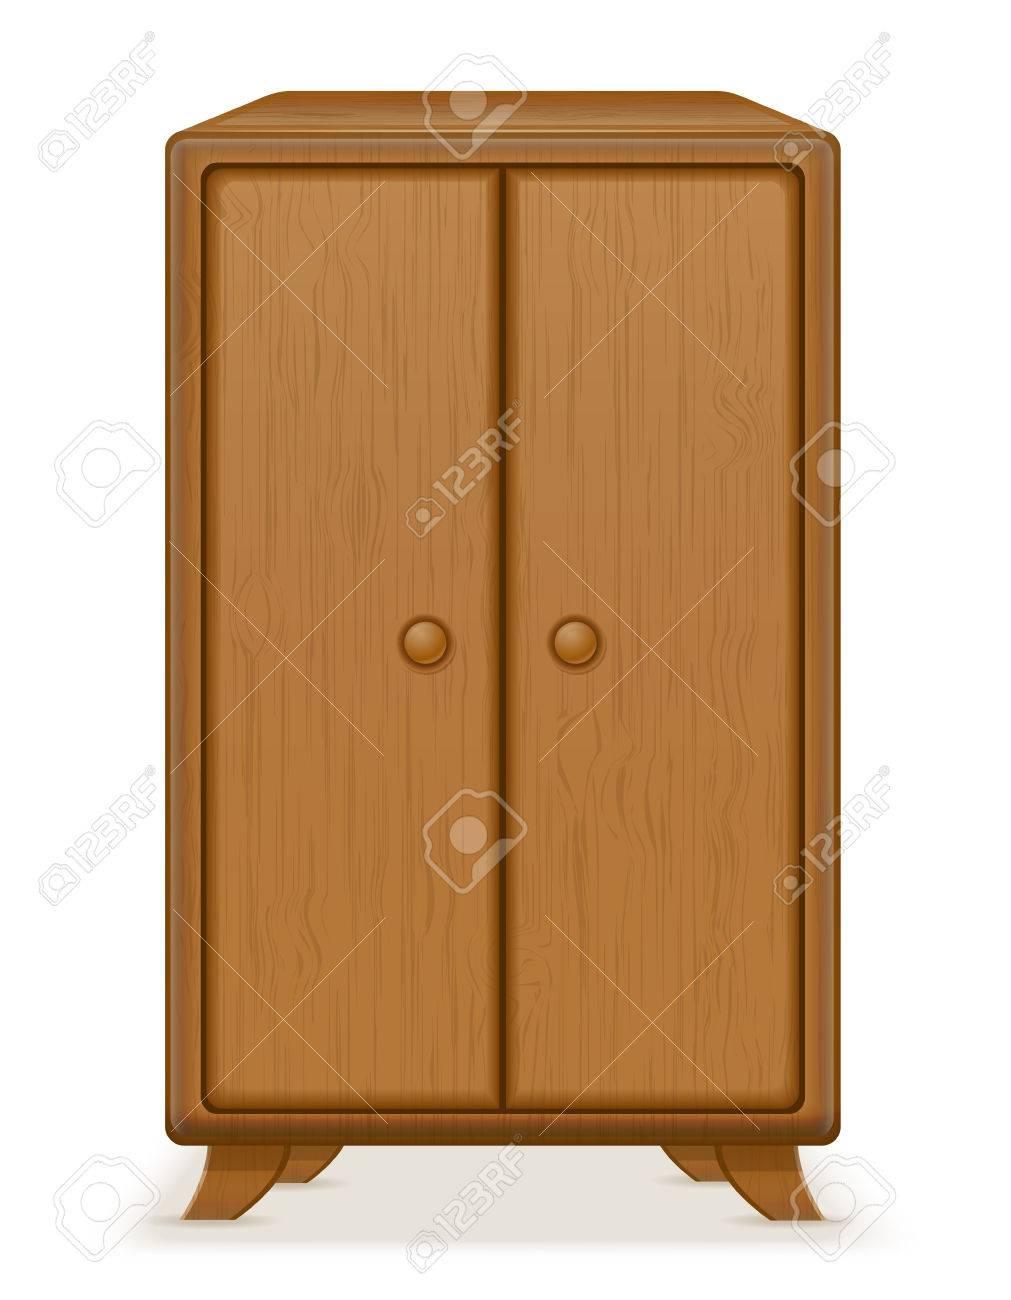 Holz Kleiderschrank Kleiderschrank Weiß Holz